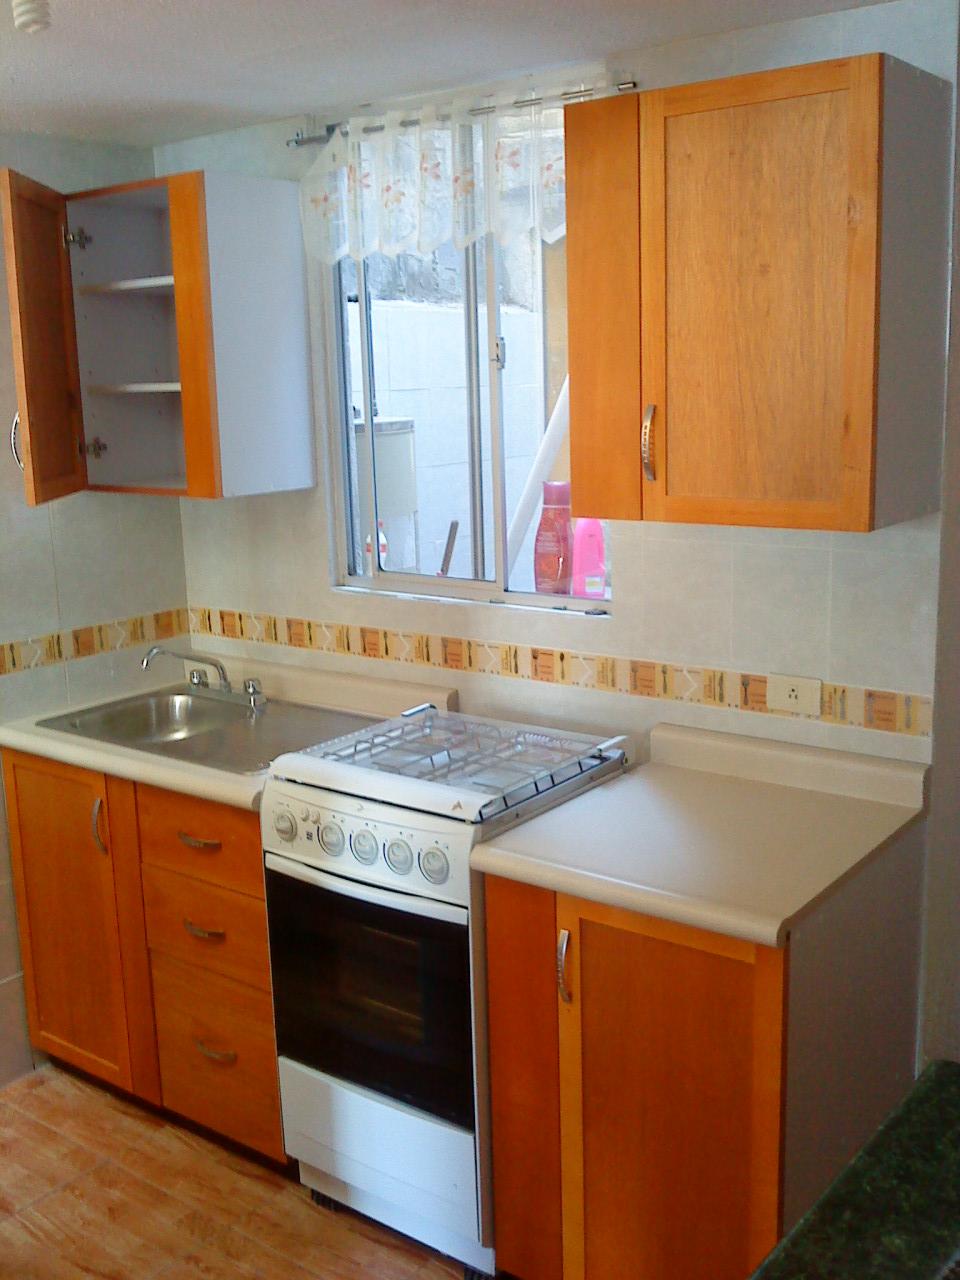 Closets Y Cocinas Integrales Residencial Cocina Integral